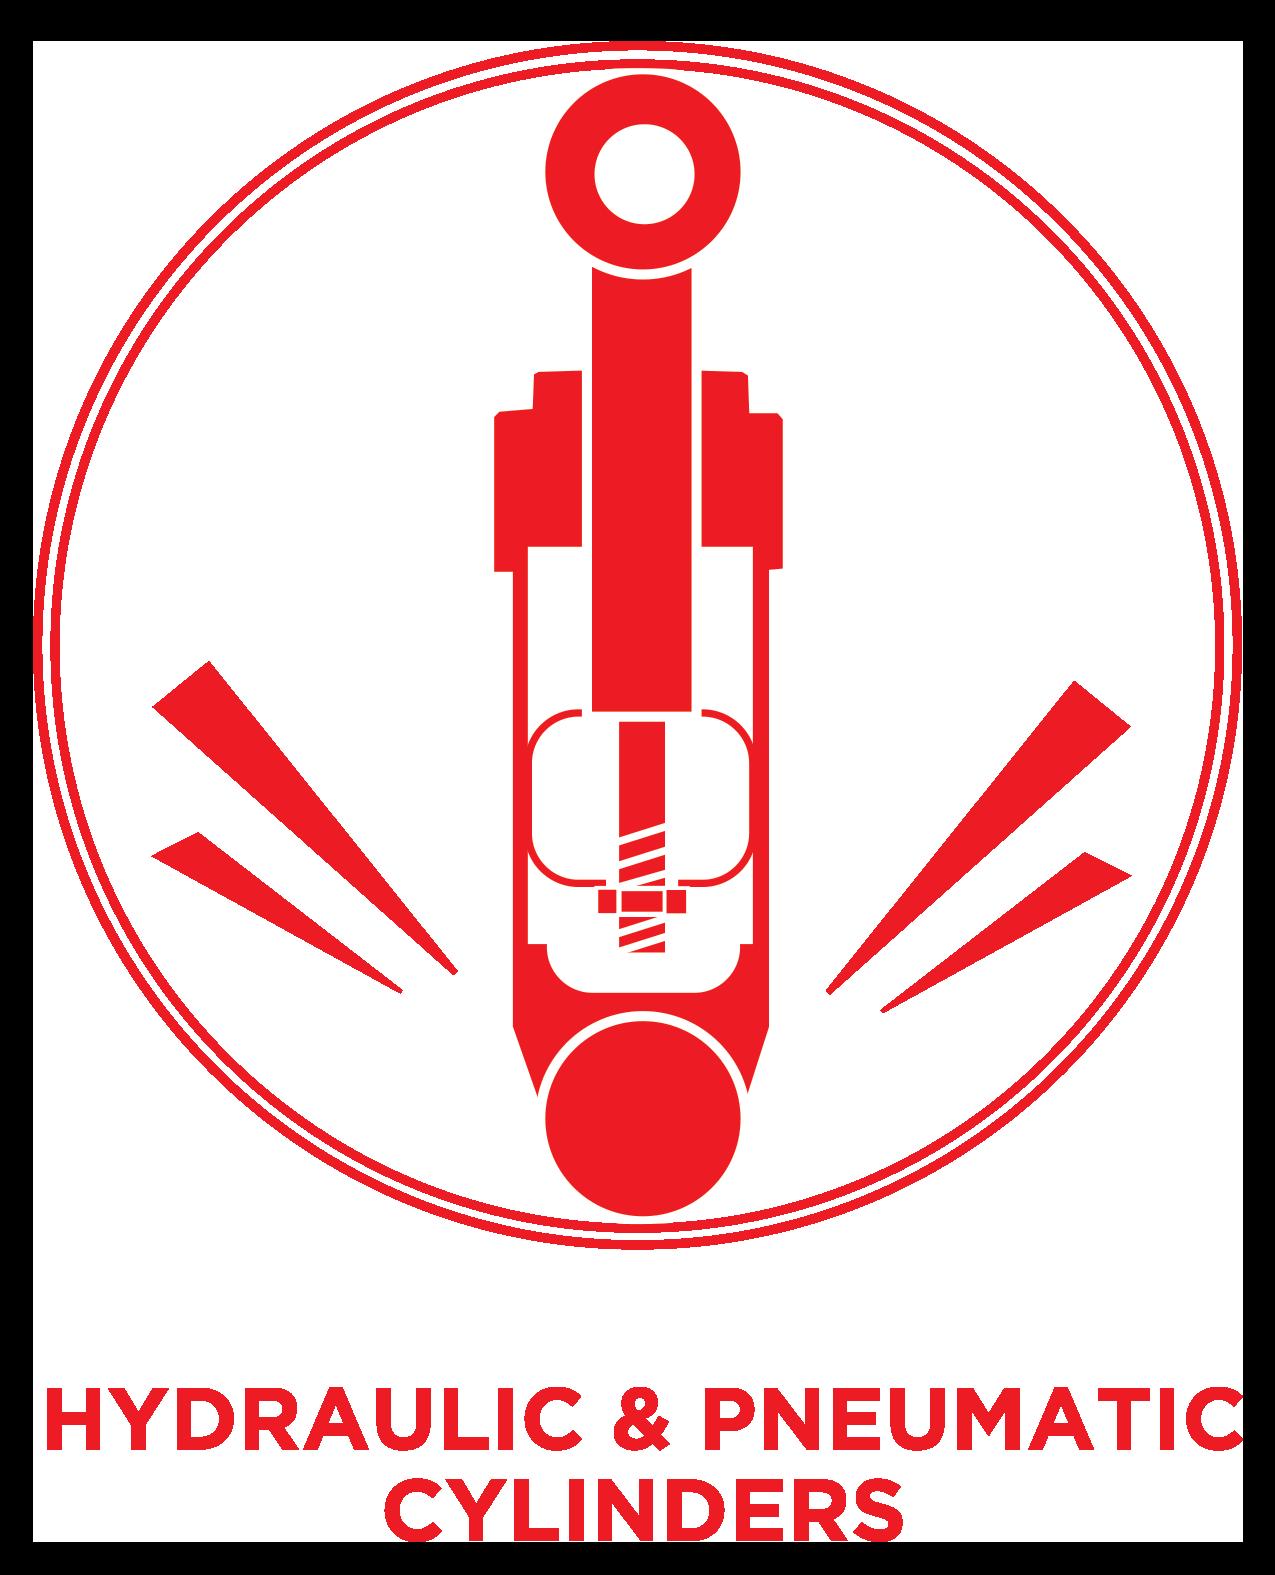 Hydraulic Cylinder Illus